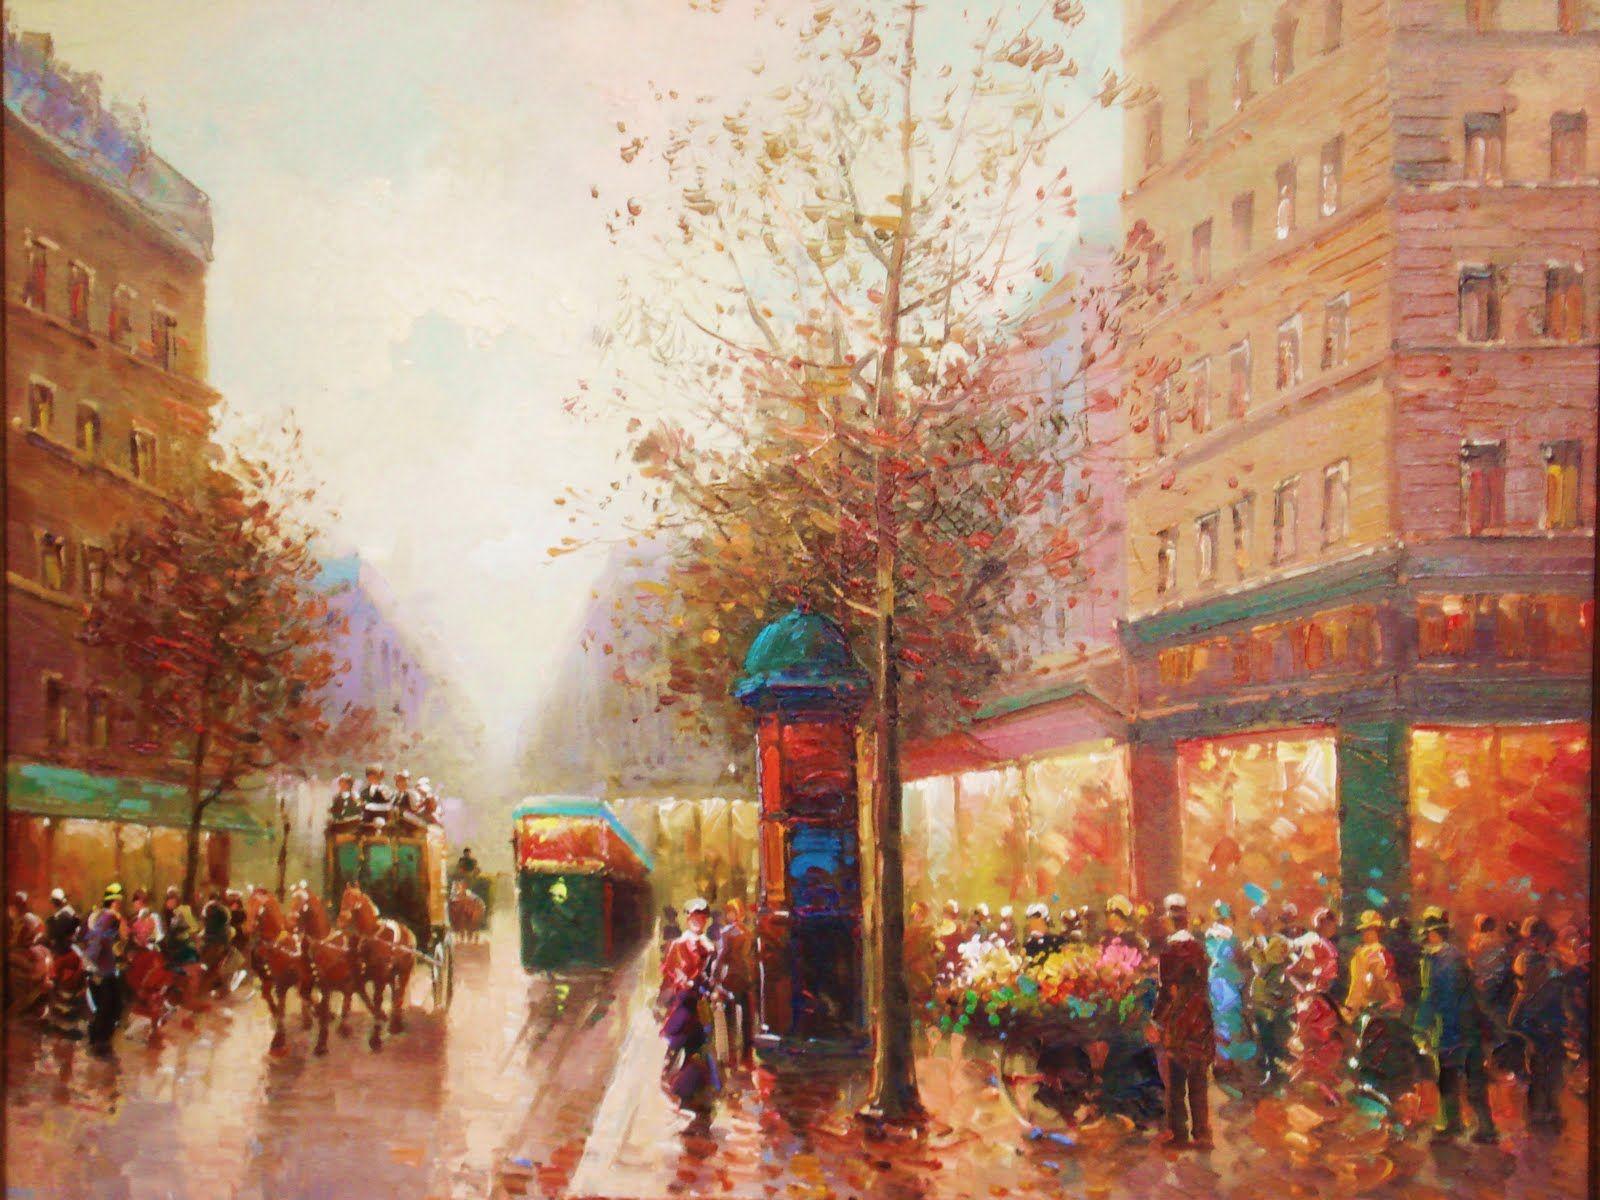 Morantz Galleries: Paris Street Scene II by Pencke - Oil Painting